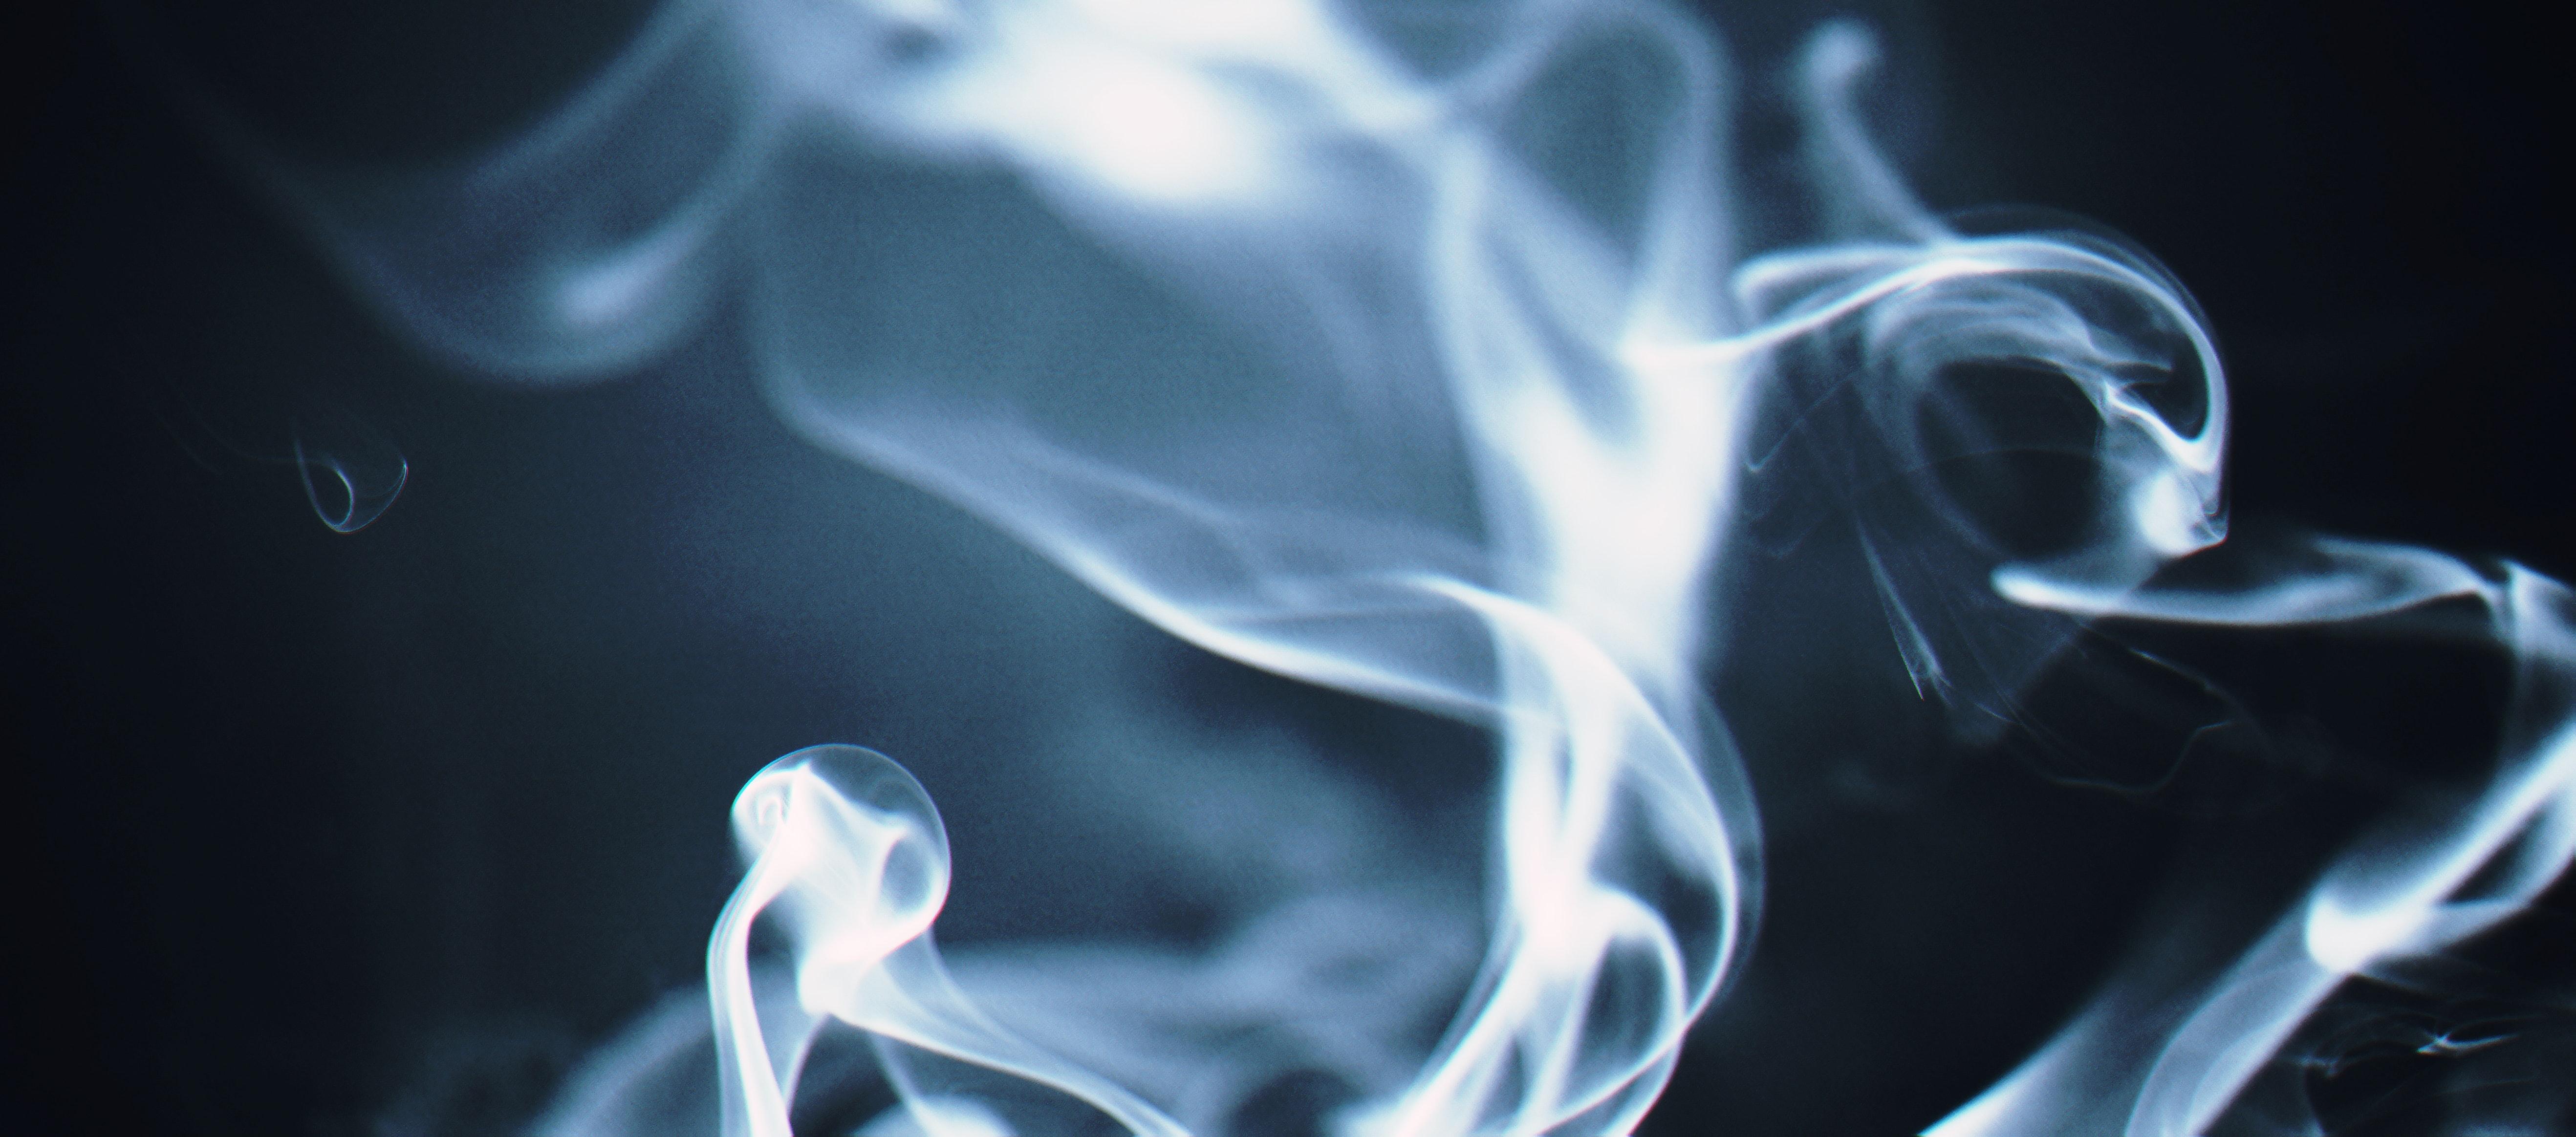 Vyzkoušejte kouřit méně škodlivě